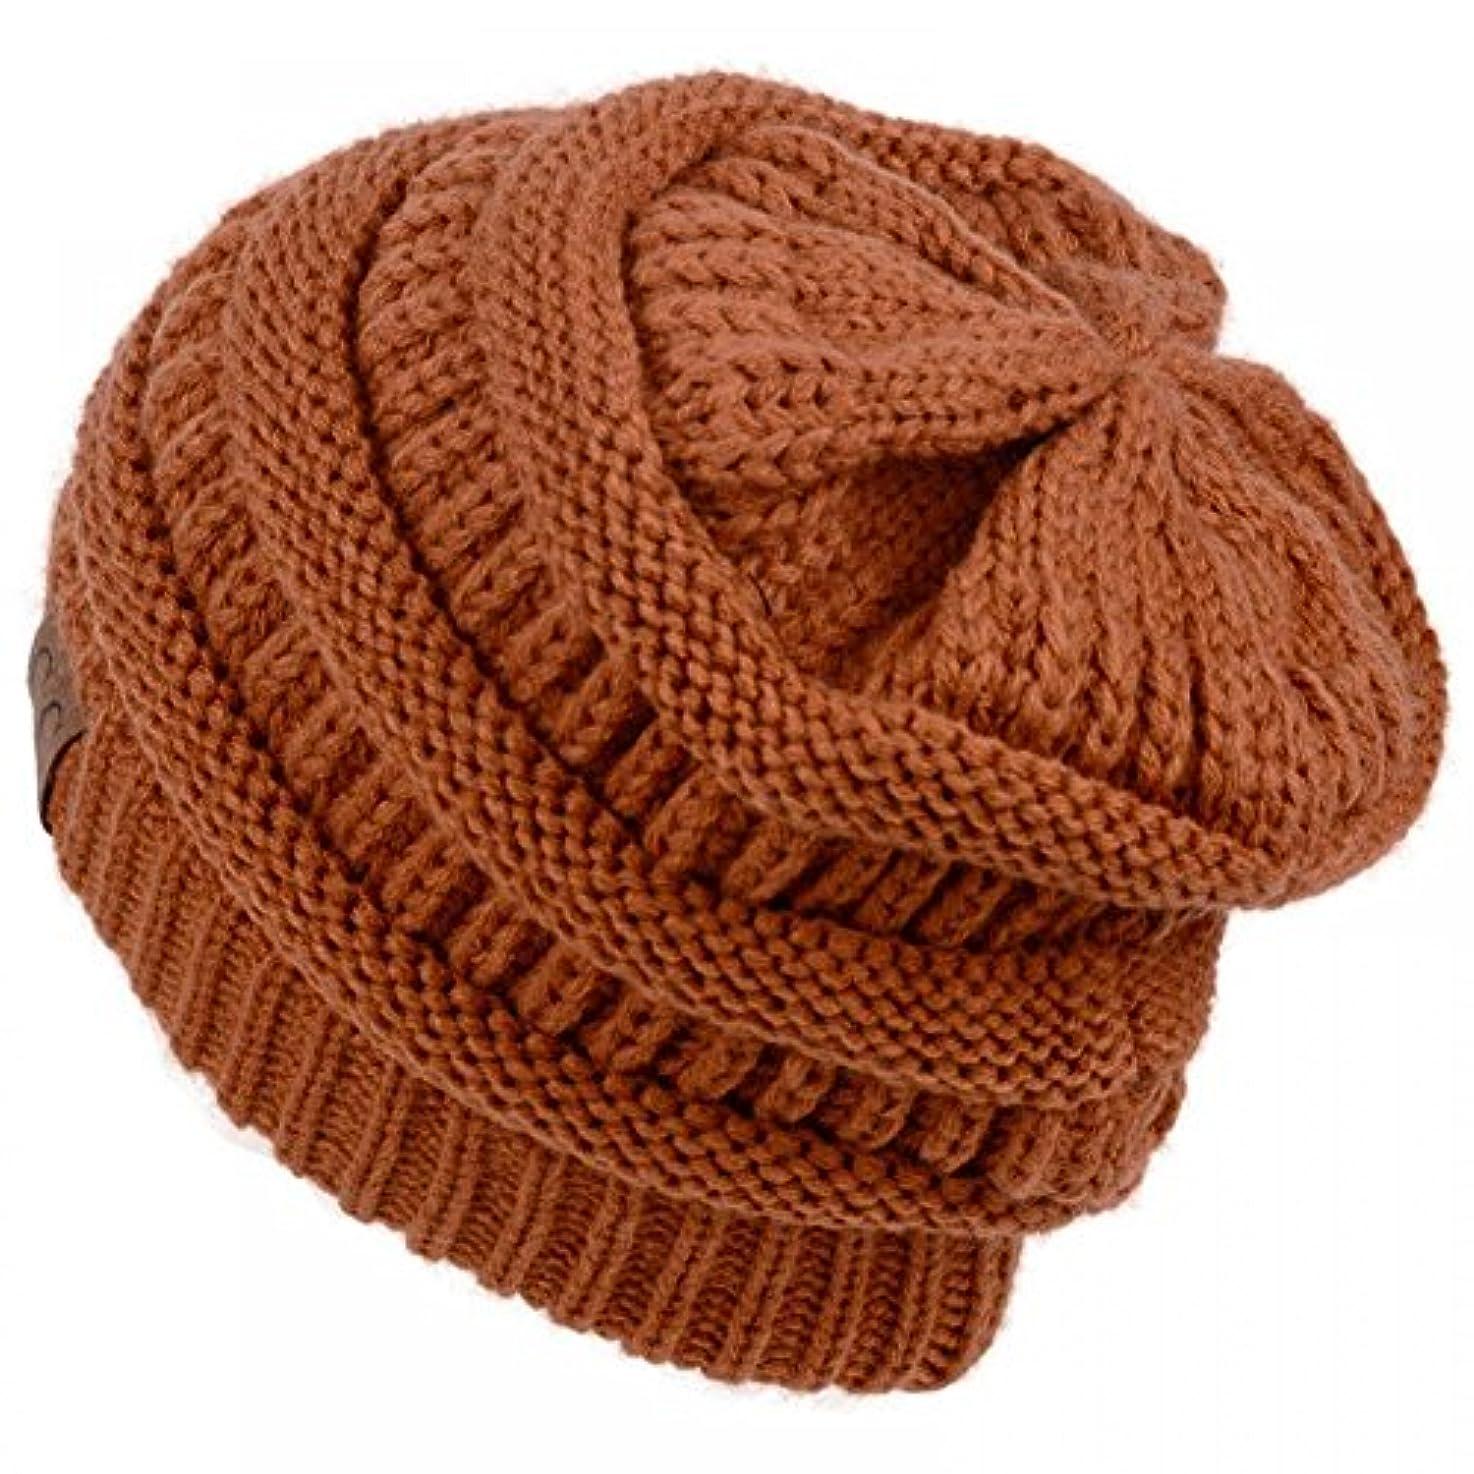 過言いくつかの繊毛rt30 _ ( US Seller )新しいファッションレディースメンズ暖かい帽子冬キャップ